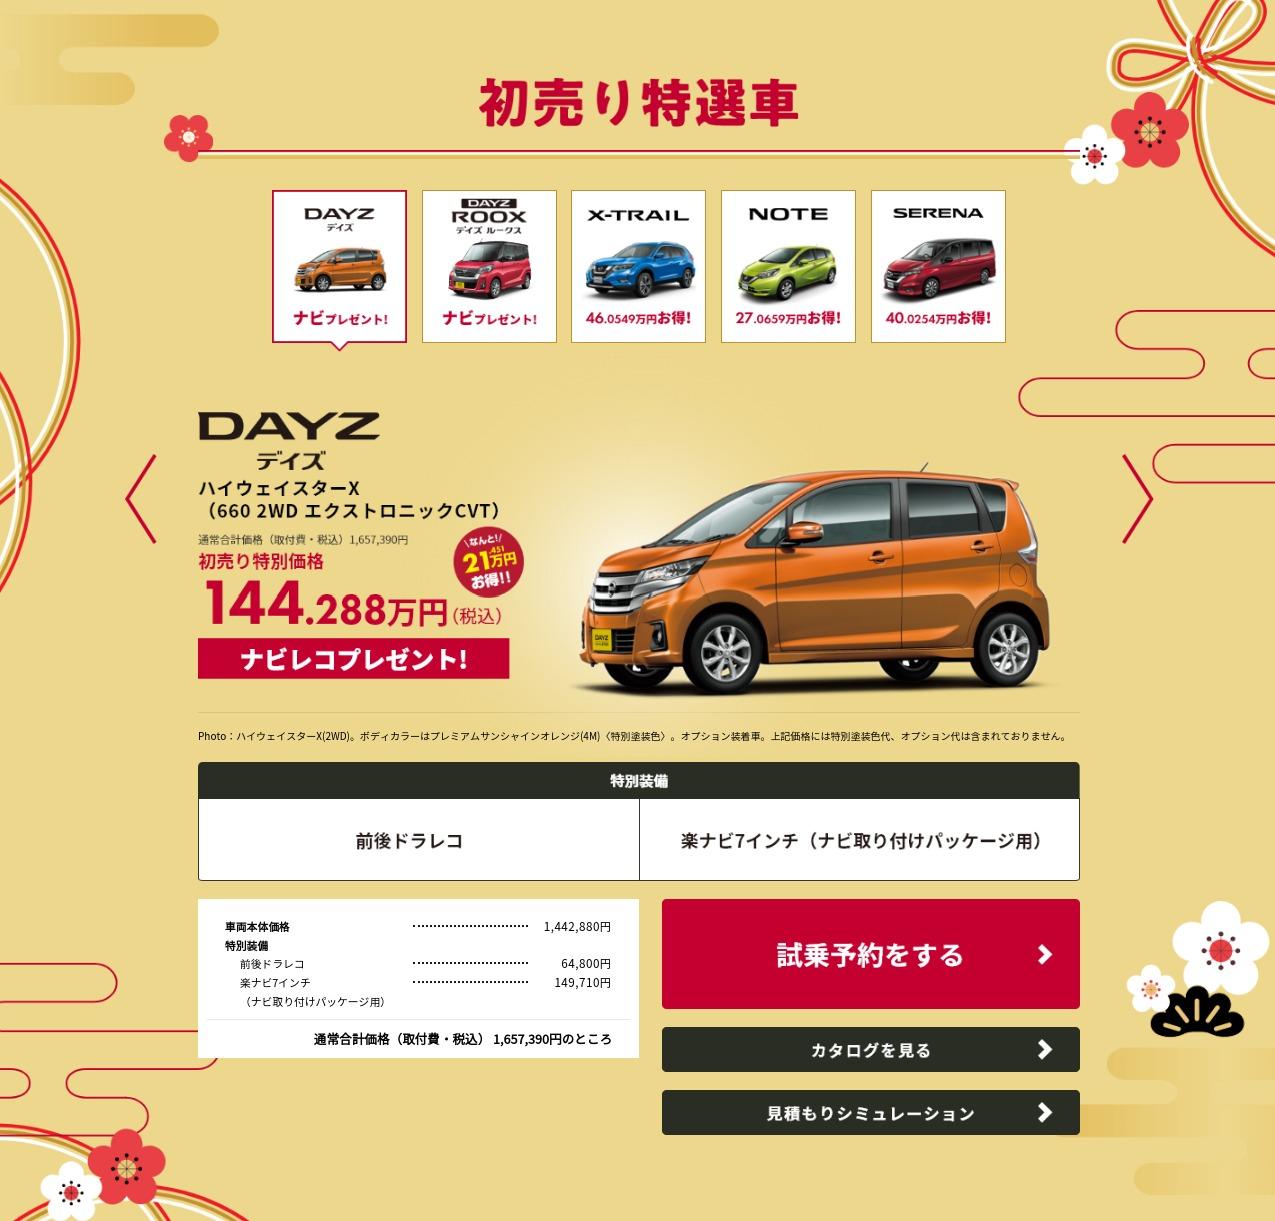 2019年の始まりは神奈川日産の初売りへ |神奈川日産自動車株式会社 (1)